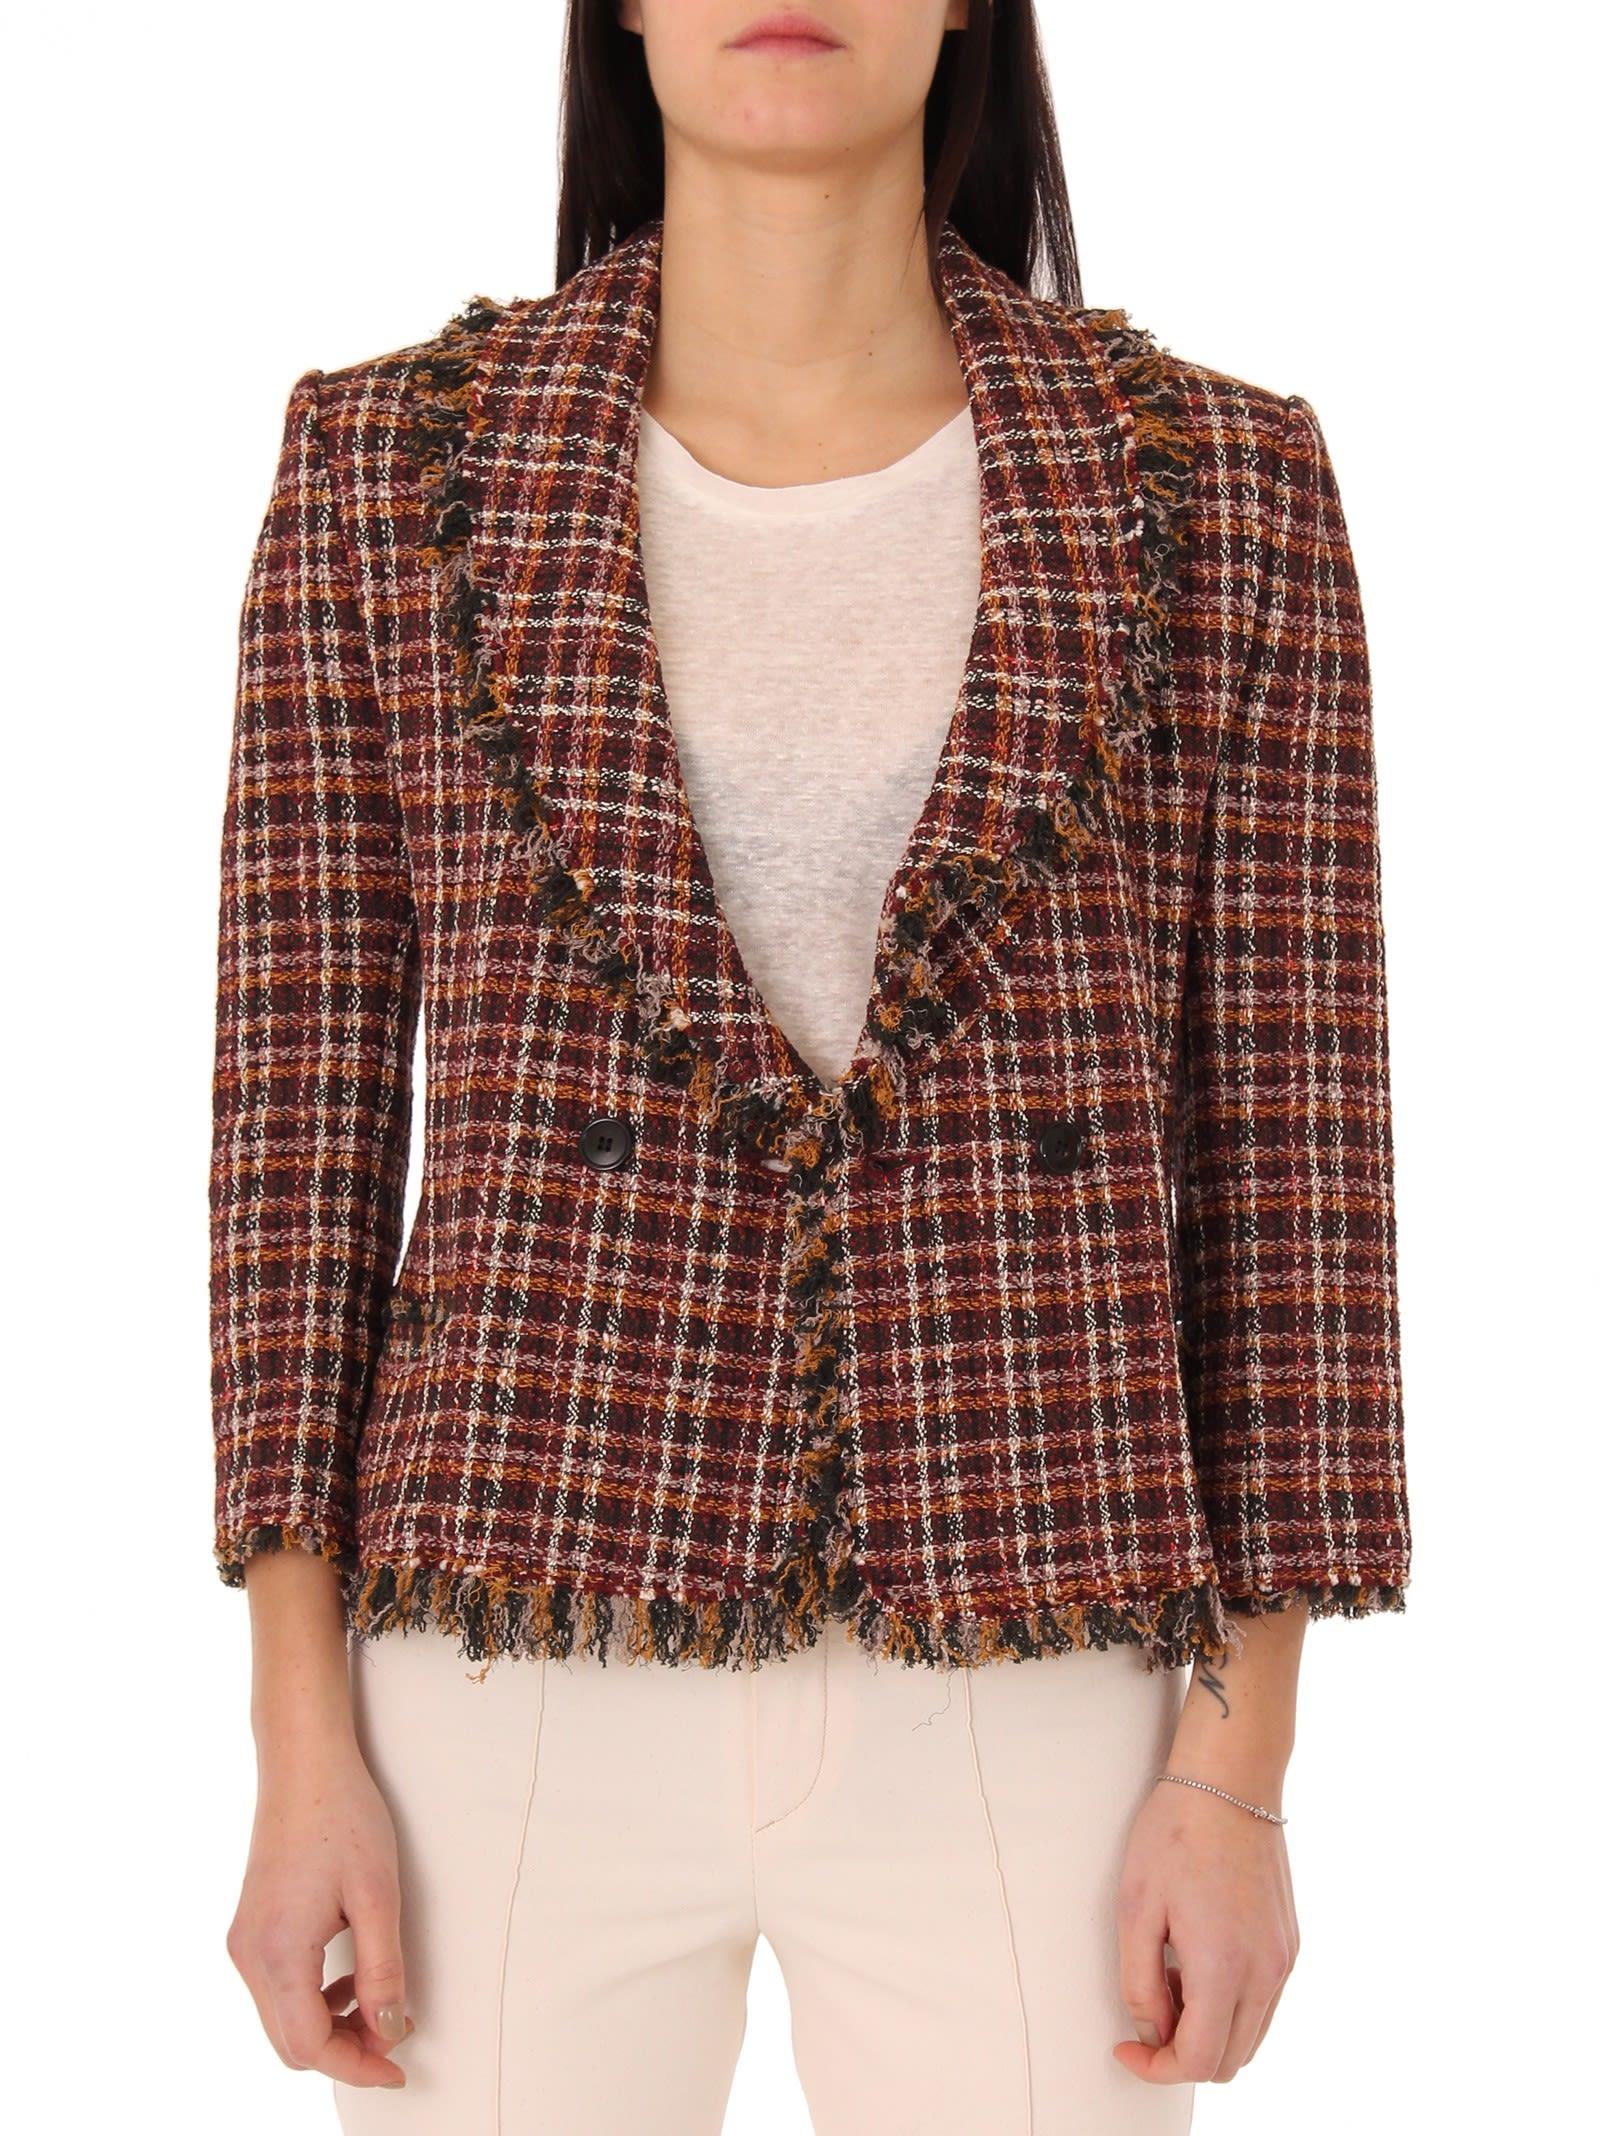 Isabel Marant Etoile Burgundy Tweed Nicole Jacket